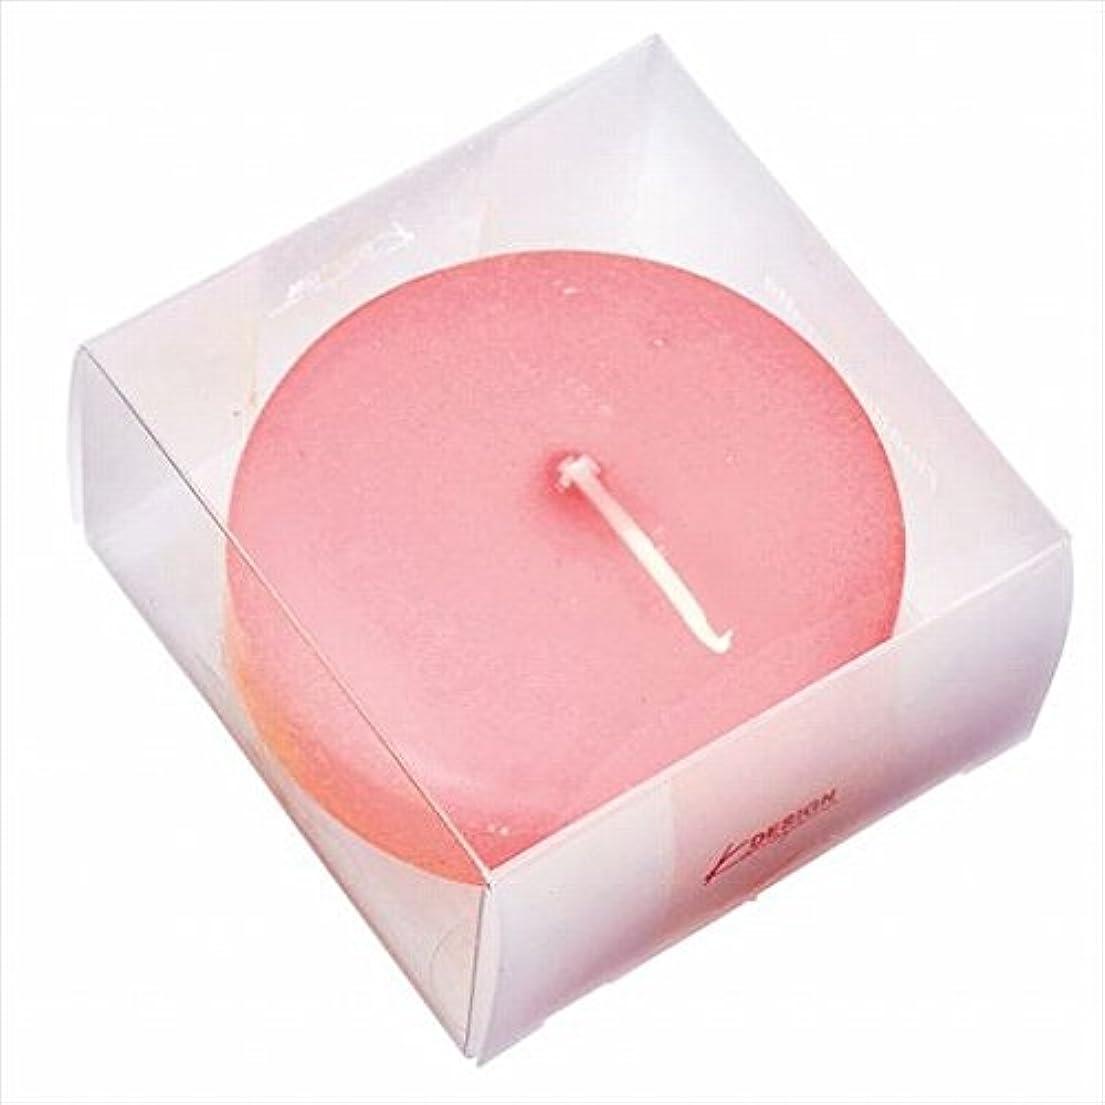 特殊年金受給者バンドルカメヤマキャンドル(kameyama candle) プール80(箱入り) 「 ピーチアンバ 」